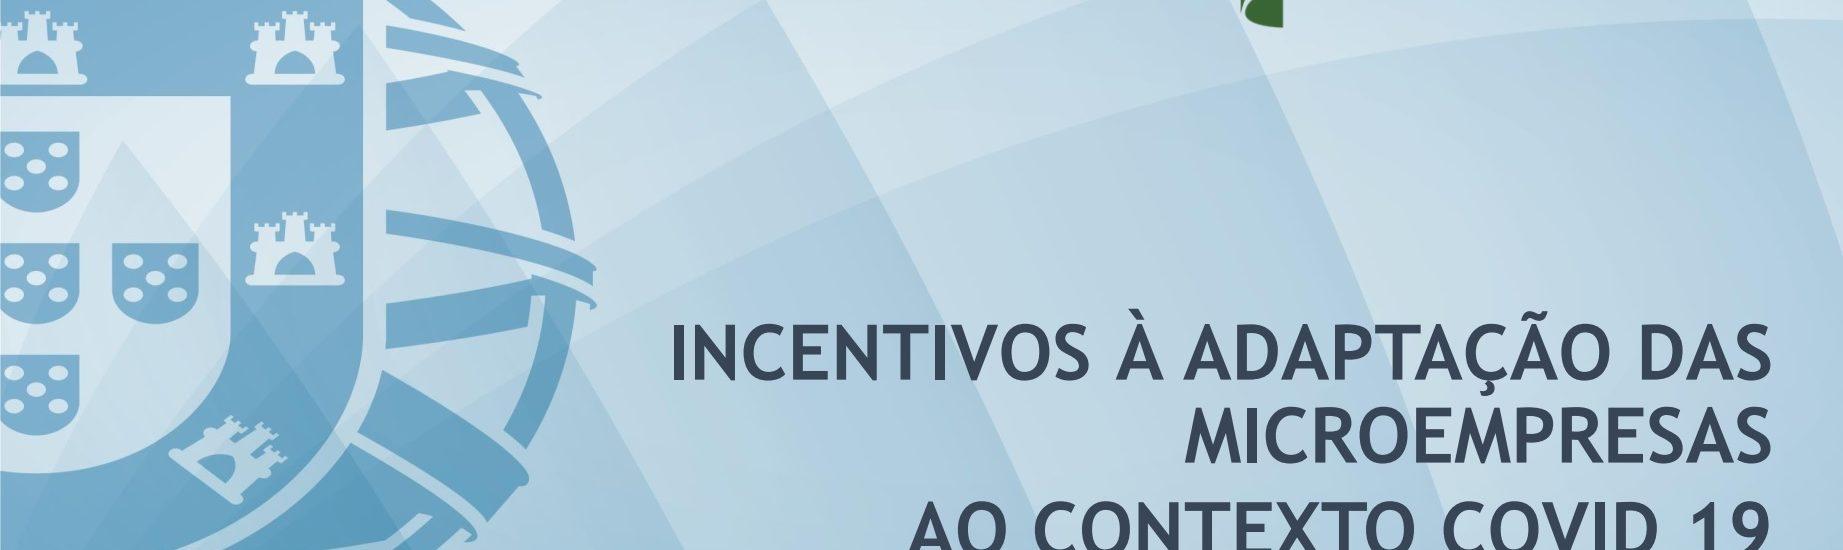 Incentivos à adaptação das microempresas ao contexto COVID-19